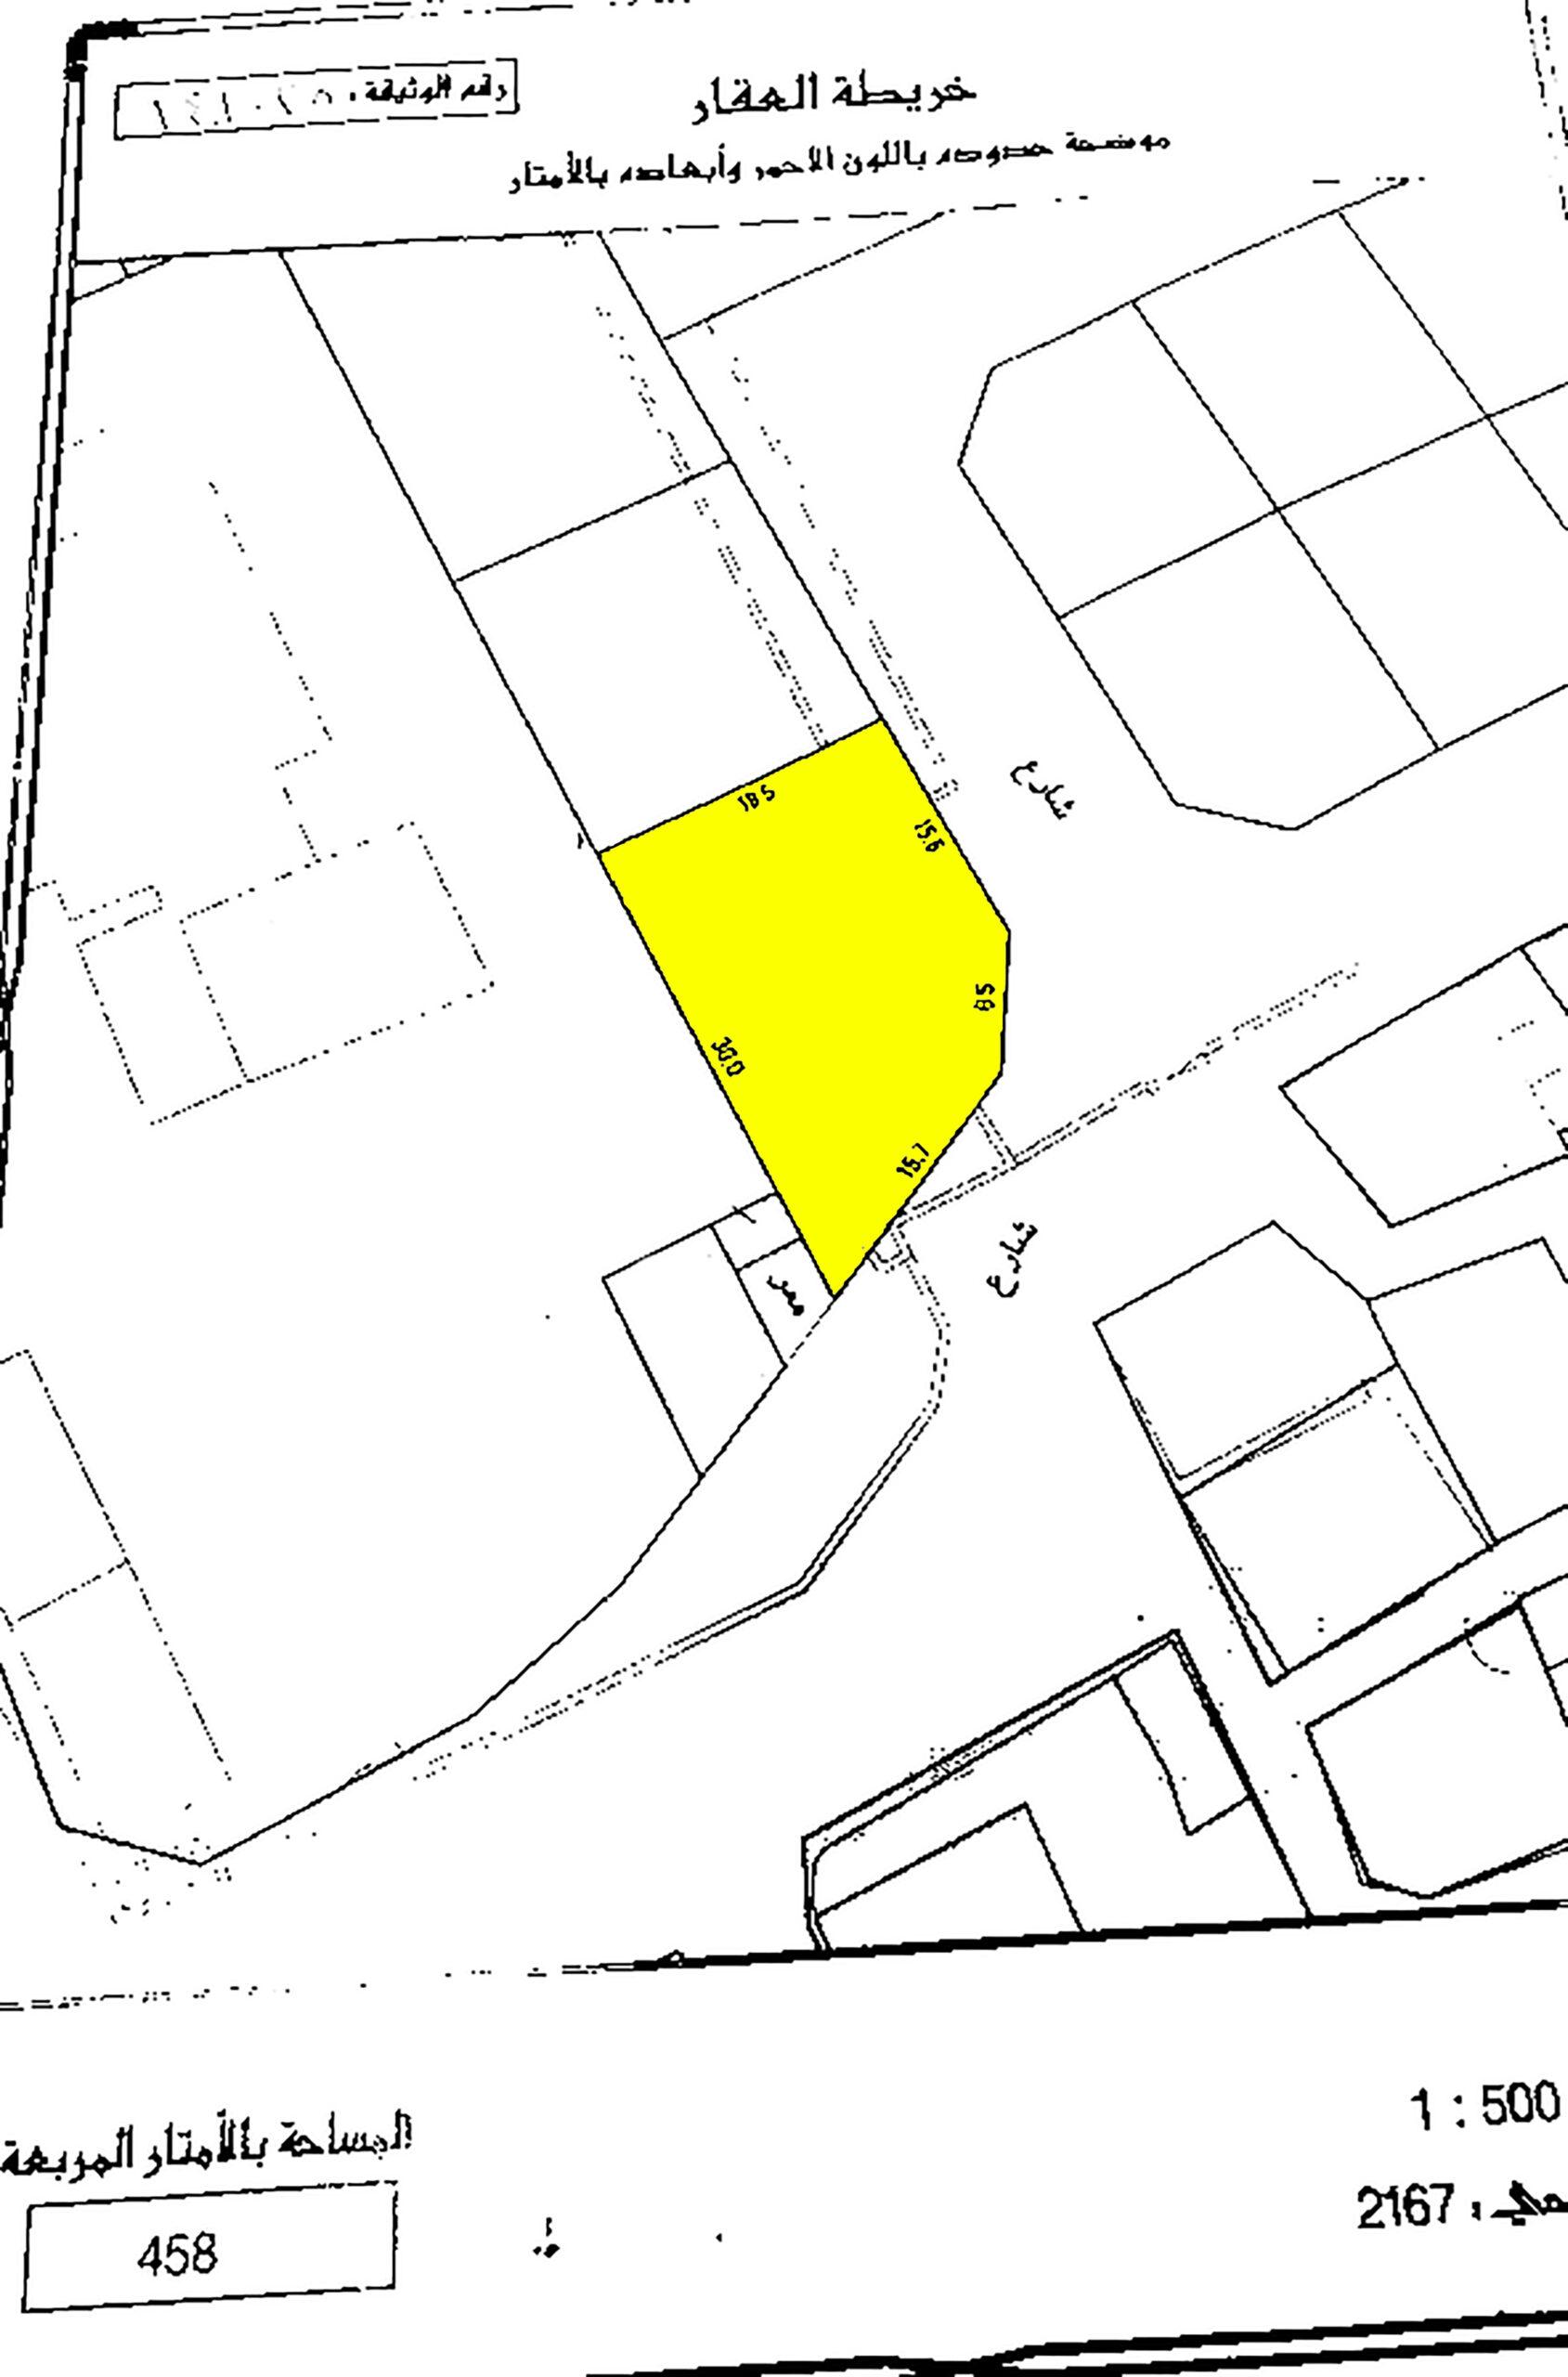 للبيع أرض بمنطقة الدير مصنفة سكني خاص ( ب )